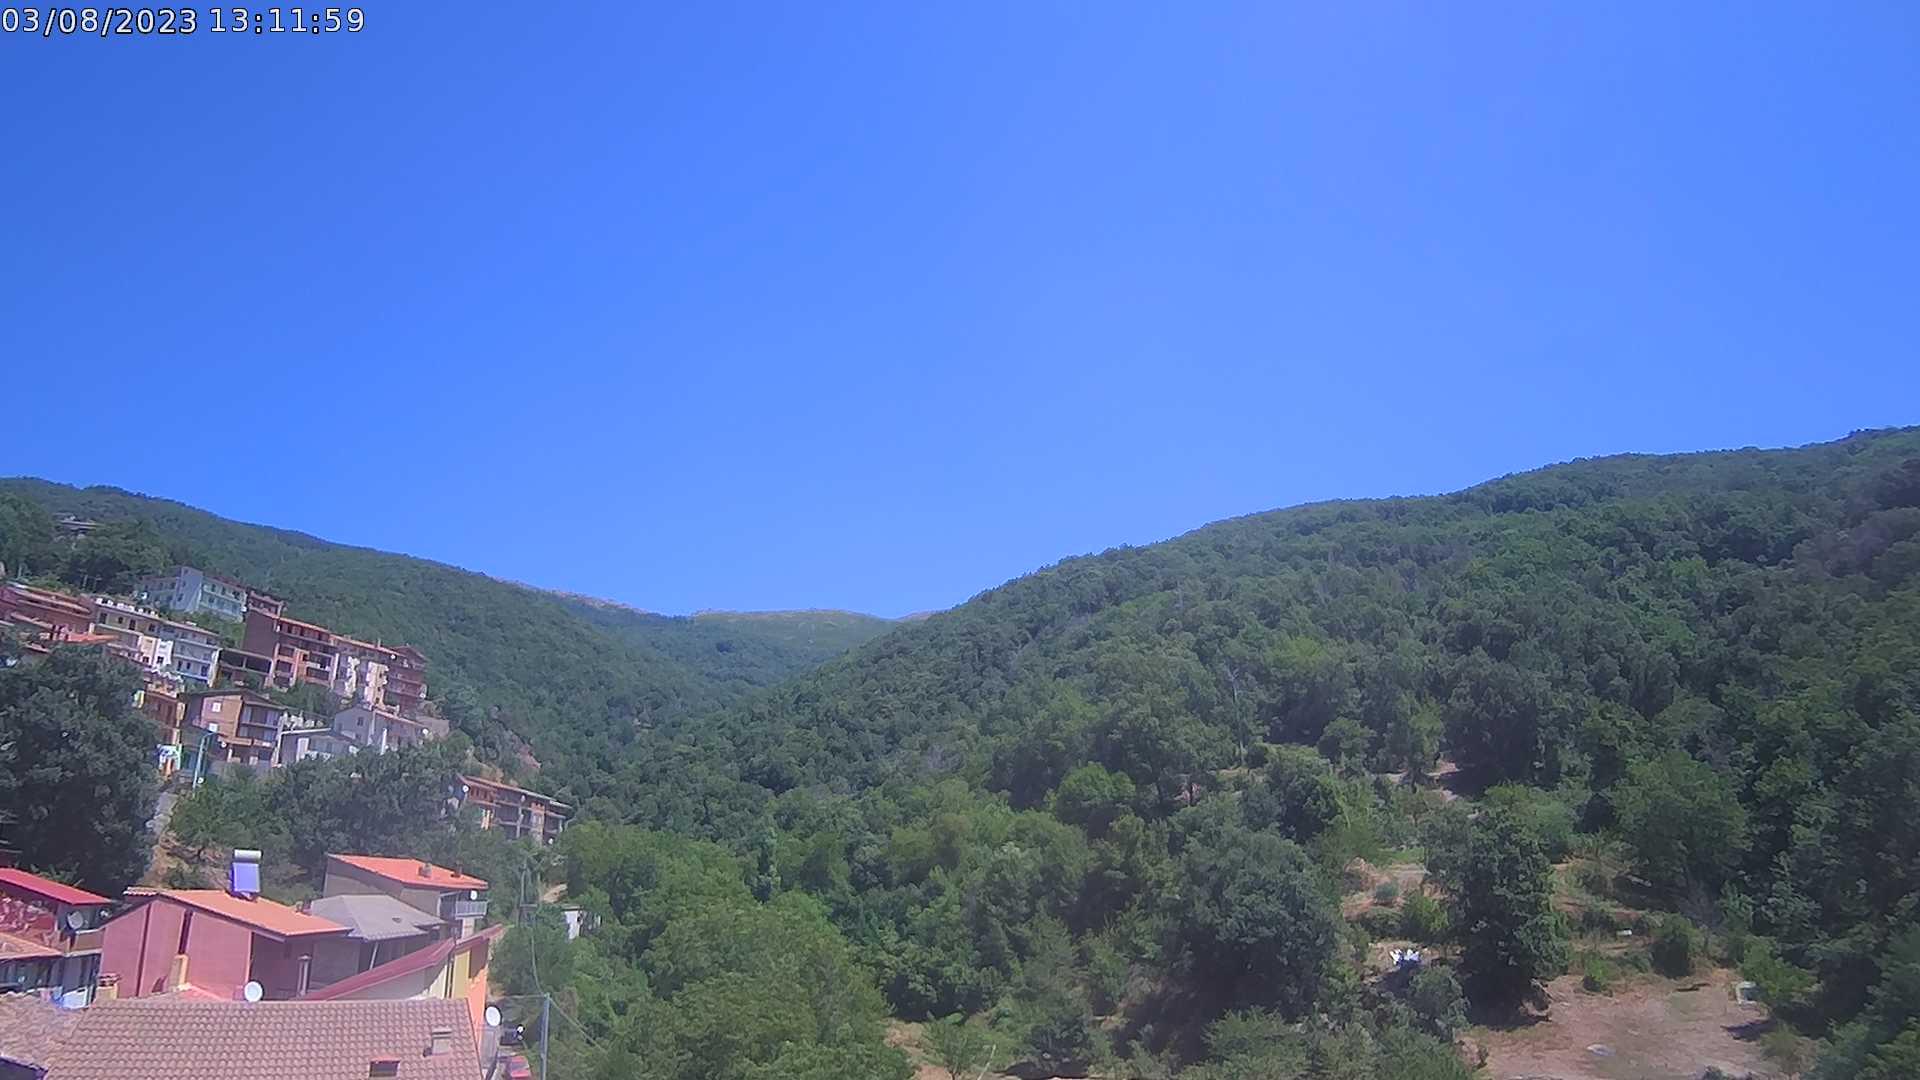 Webcam a Desulo (NU), vista a Nord-Est